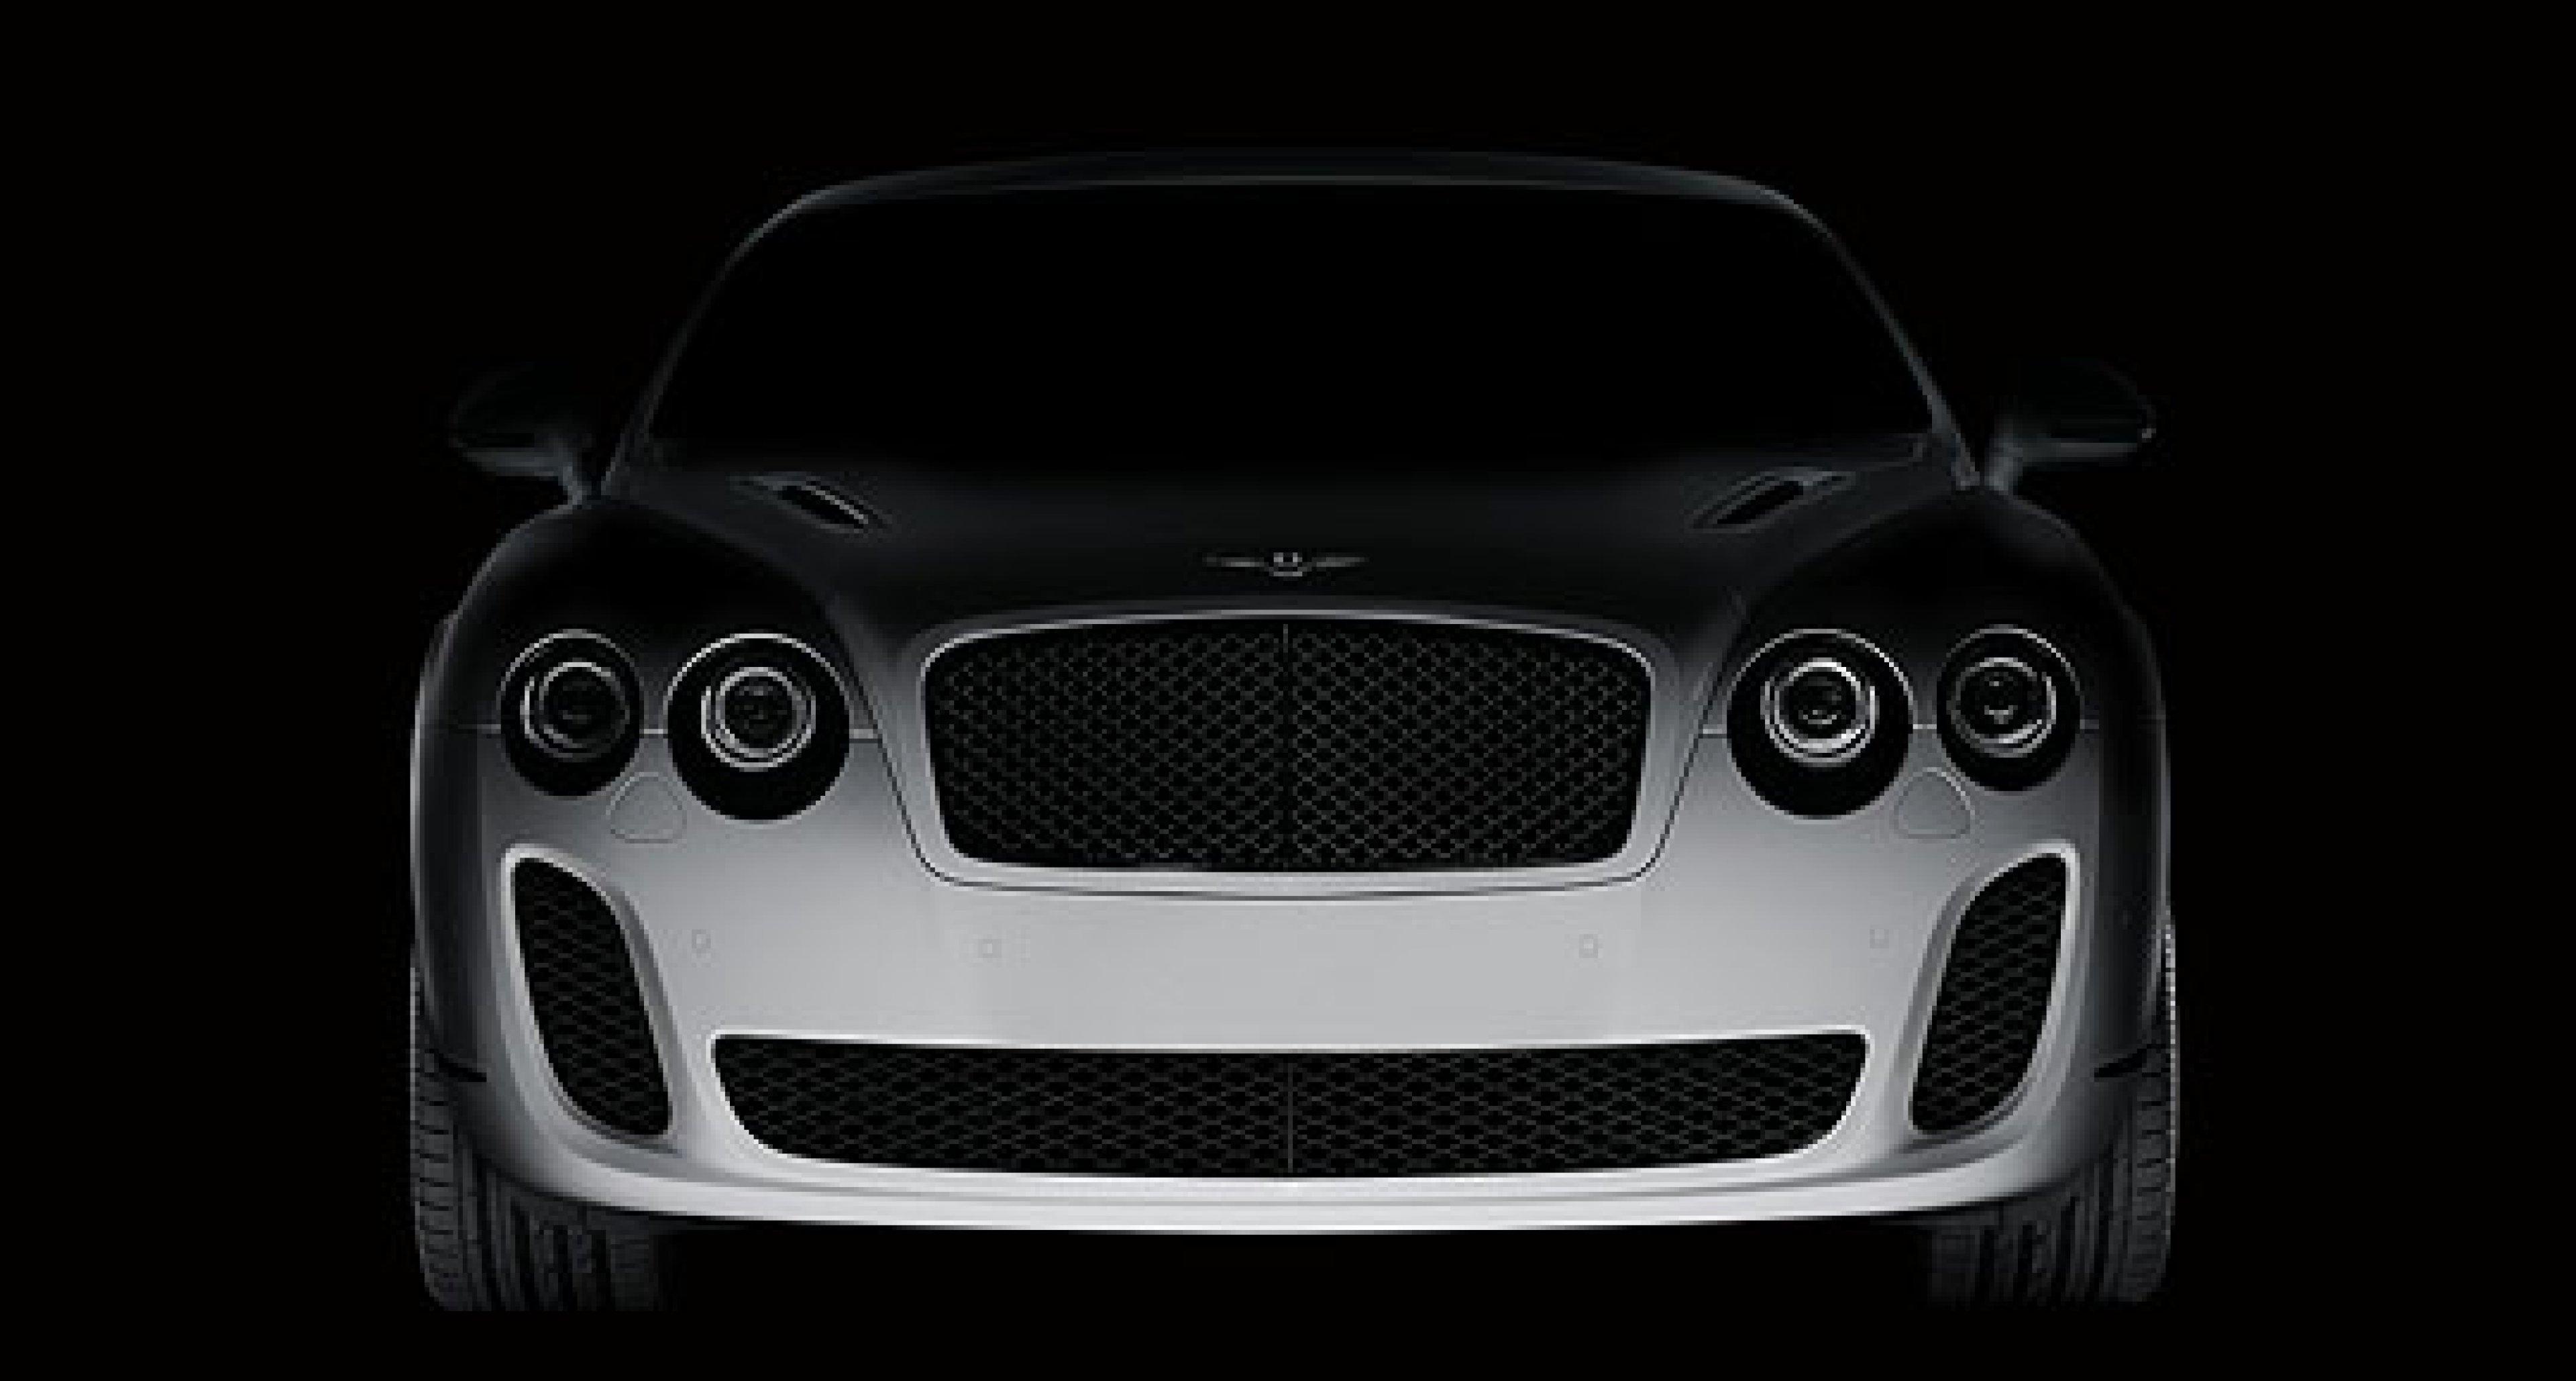 Biofuel Bentley for Geneva Salon Debut